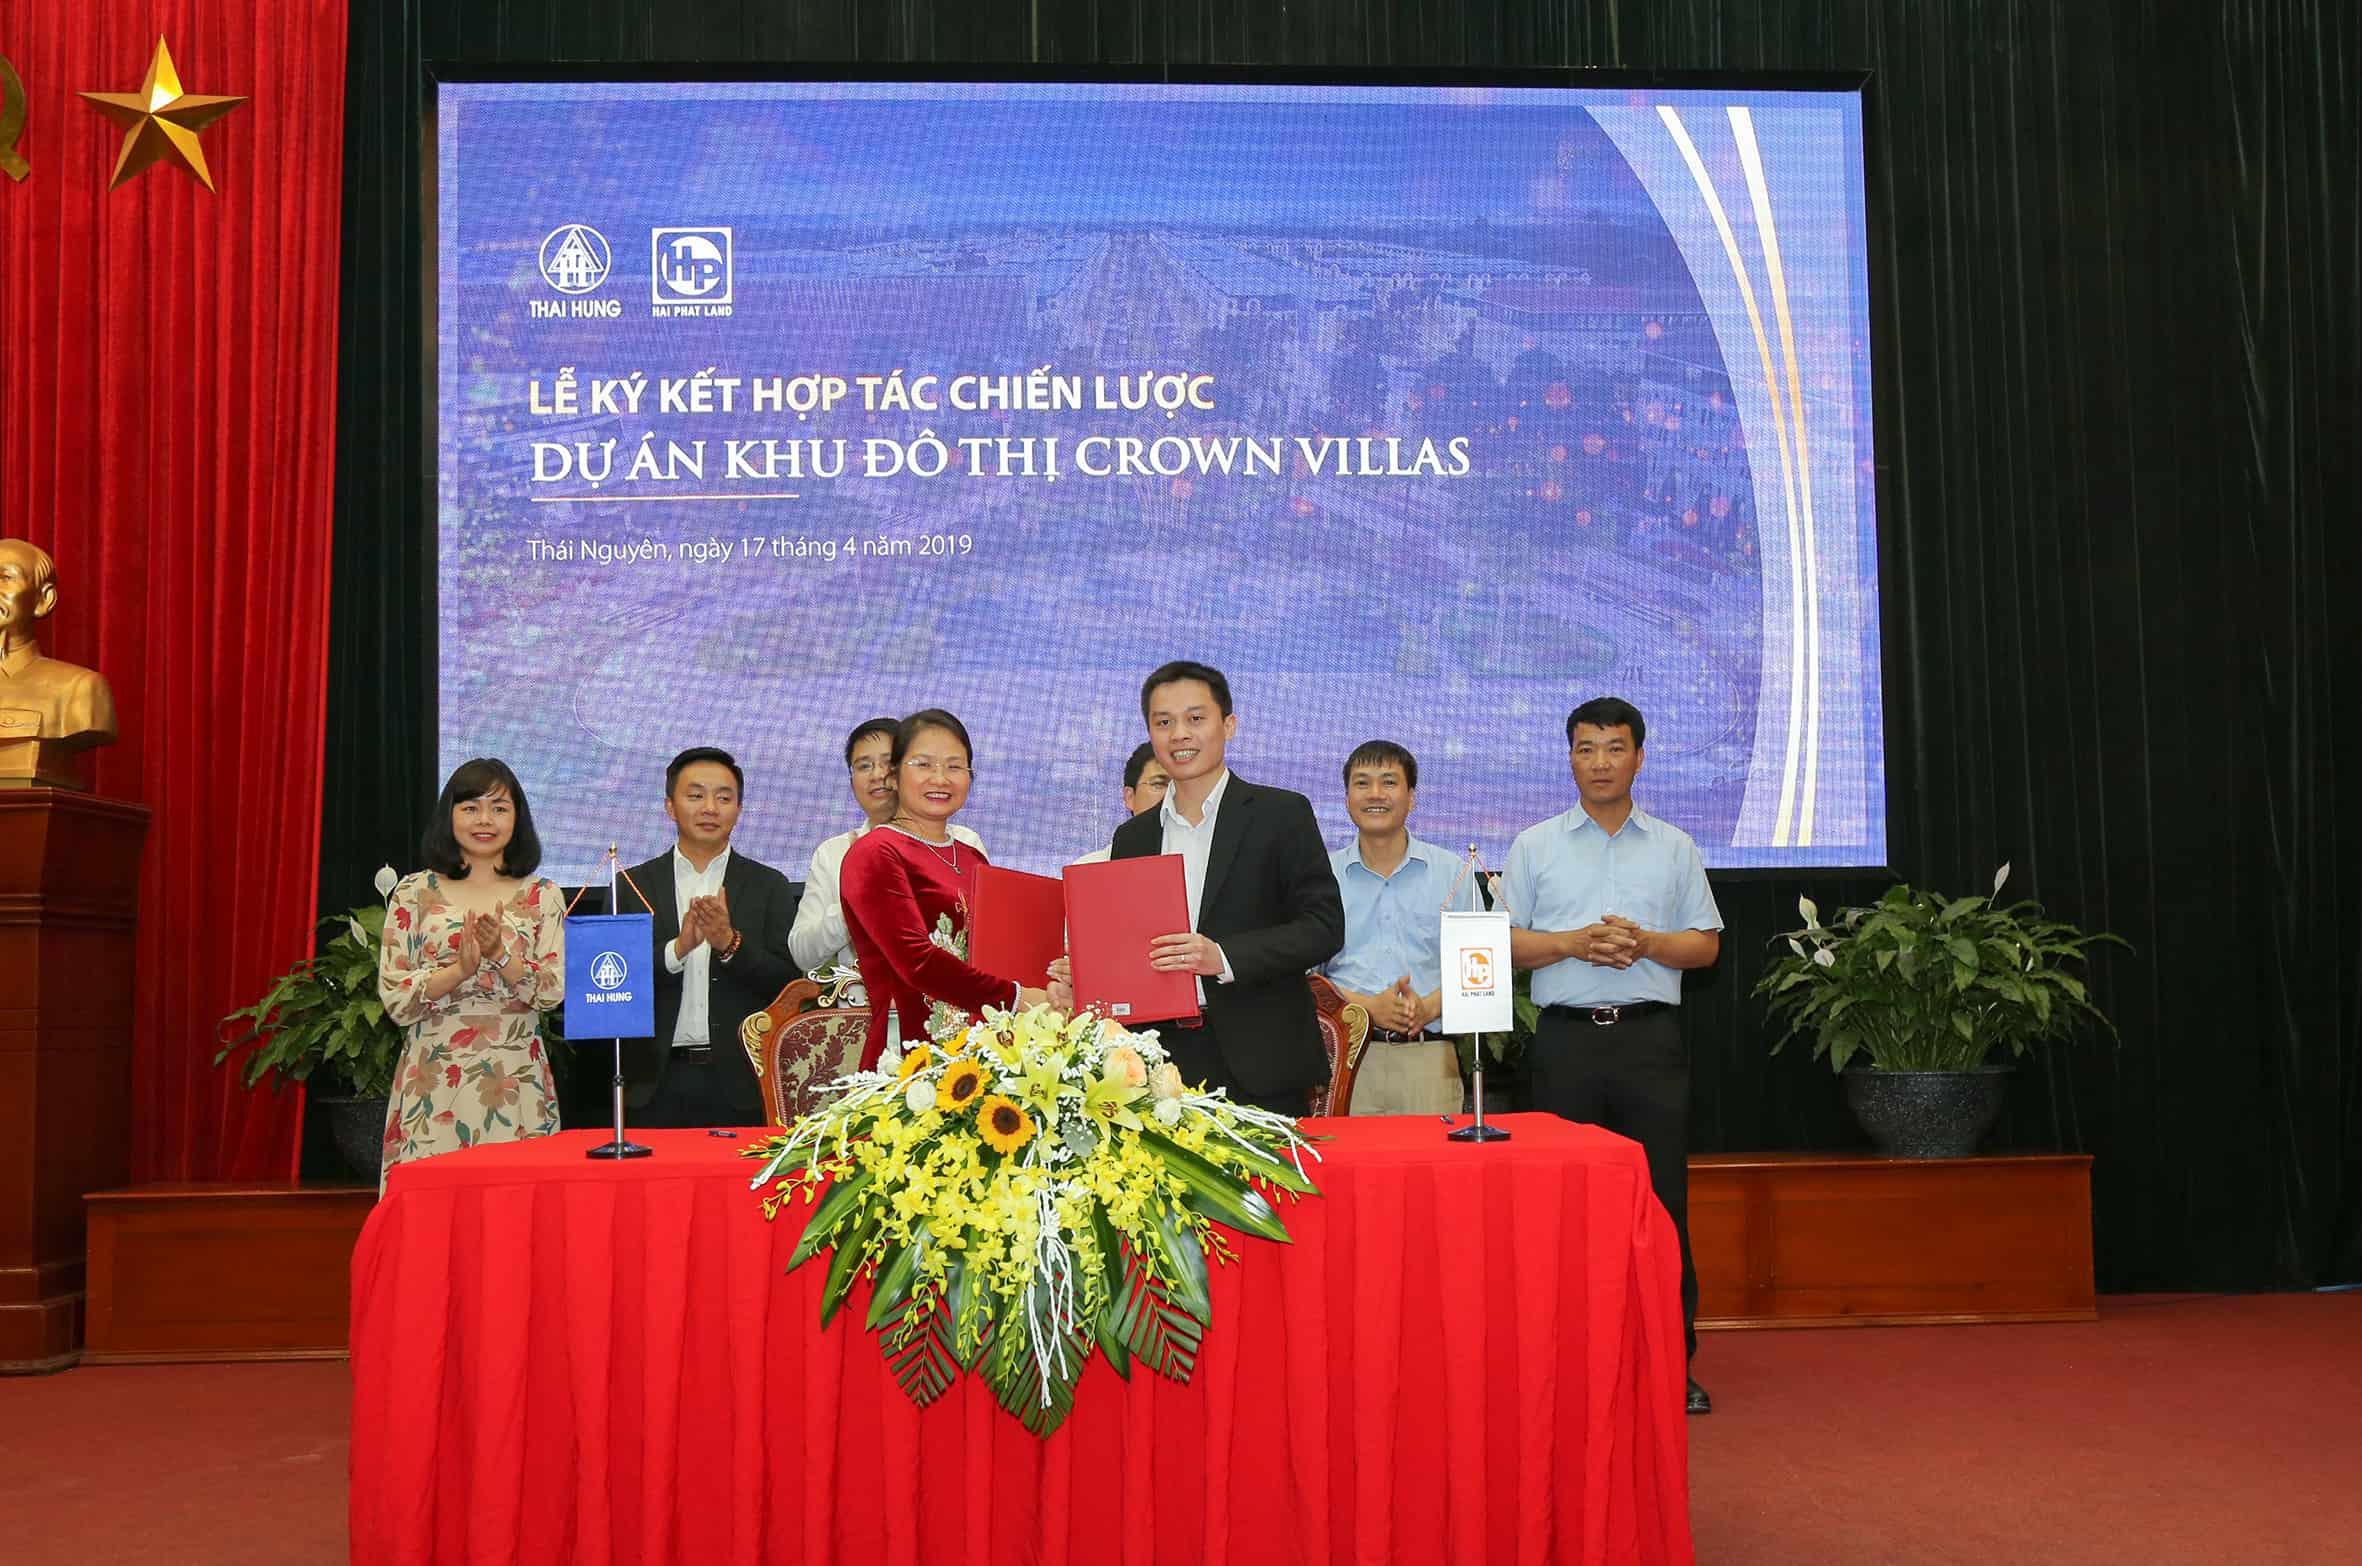 Đại diện Công ty Cổ phần Thương Mại Thái Hưng và đại diện Hải Phát Land thực hiện ký kết hợp tác chiến lược